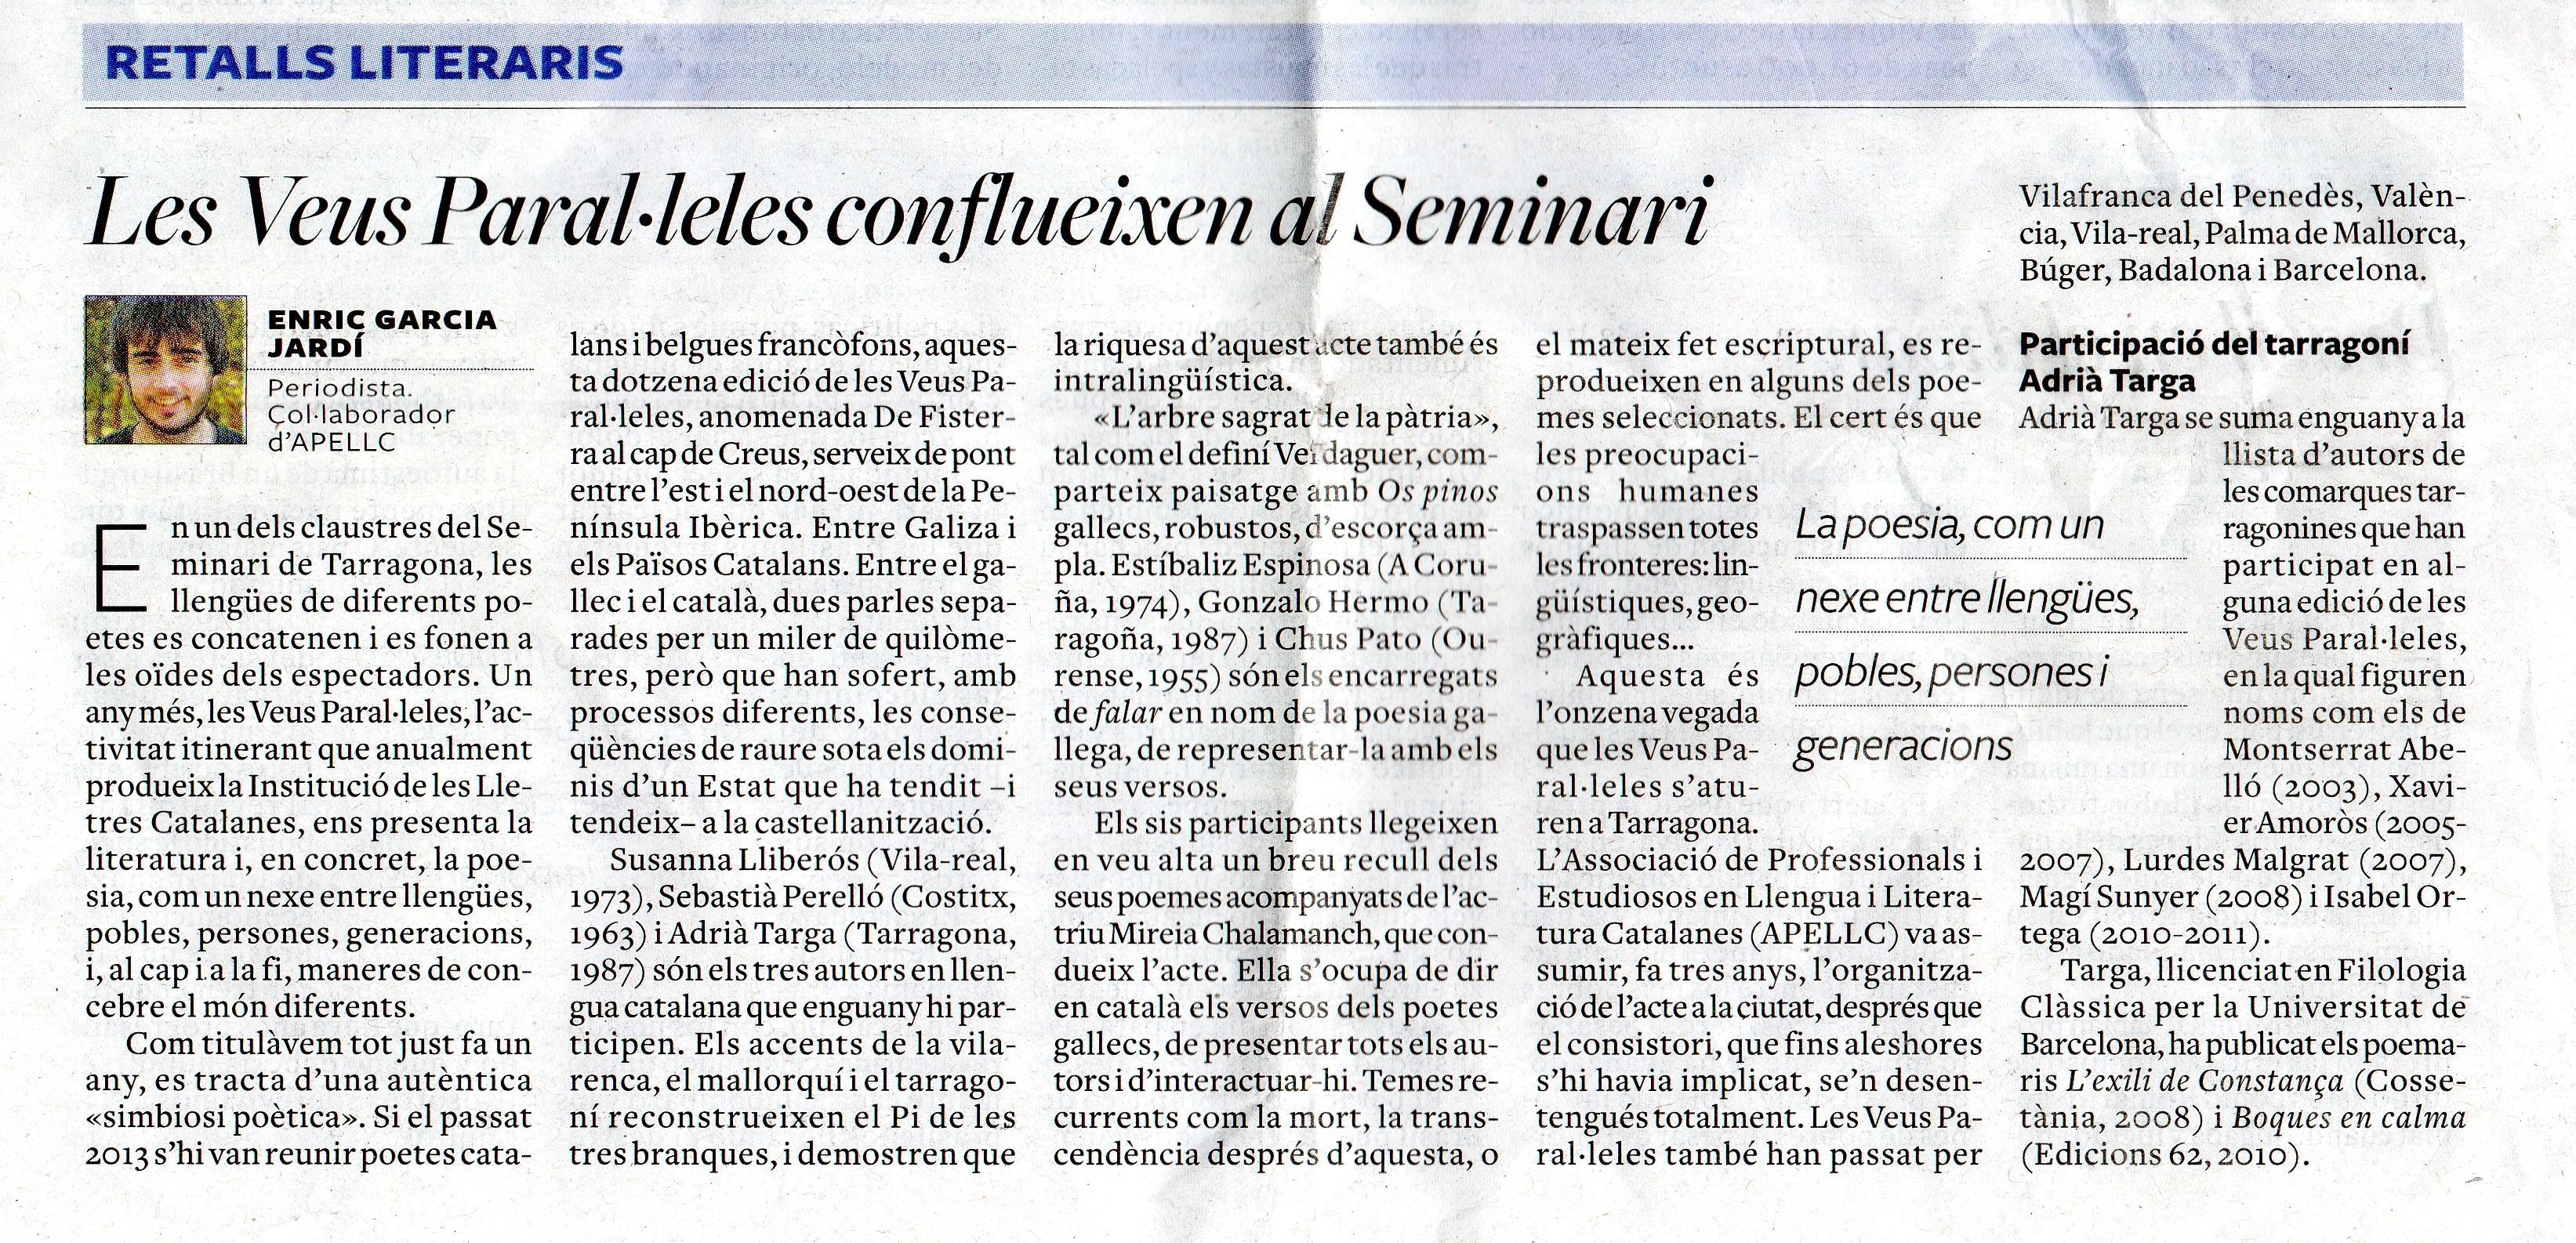 article Enric Garcia DT